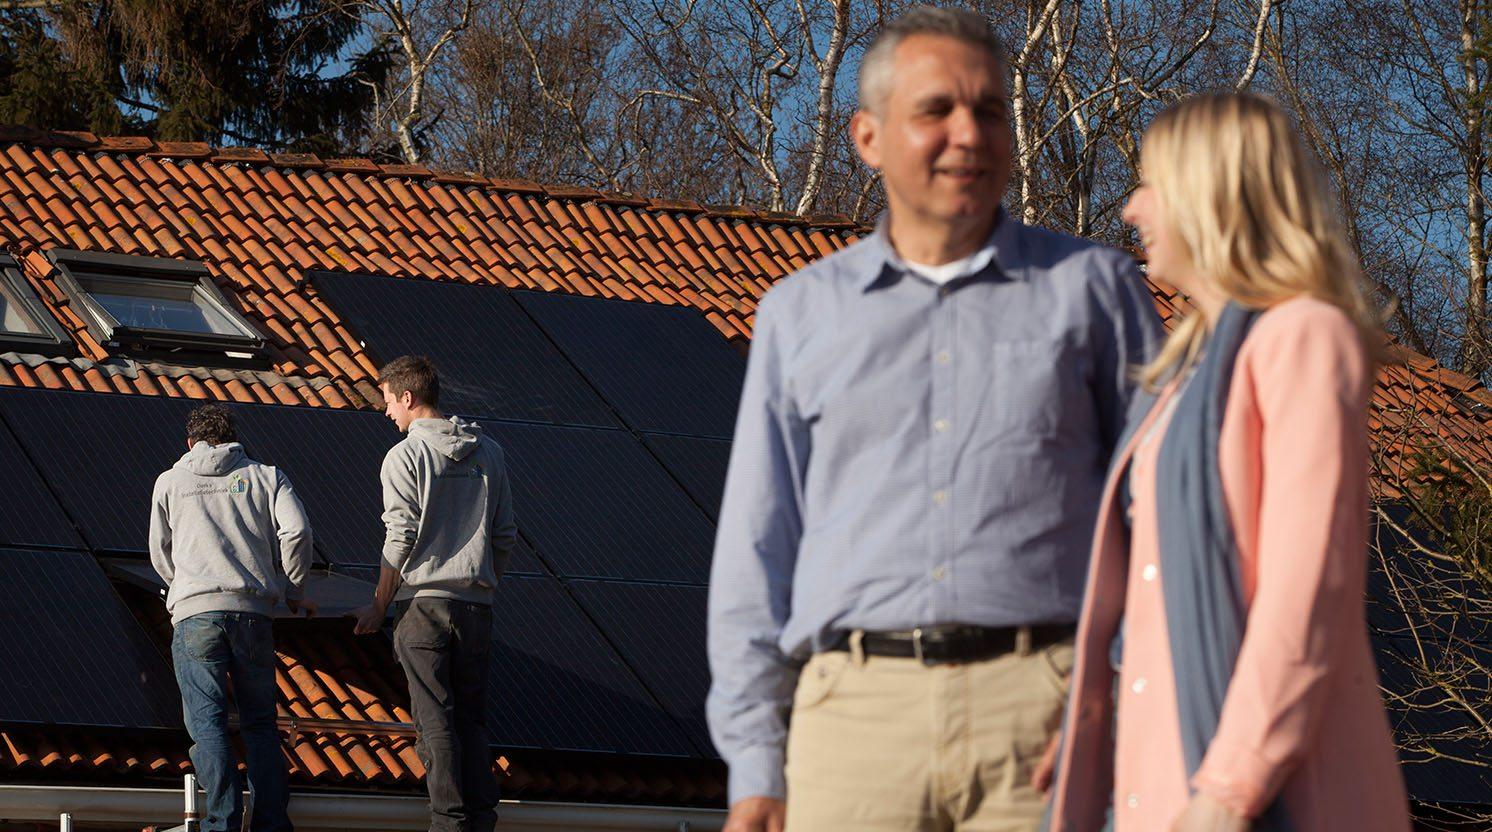 Regeerakkoord: zonnepanelen kopen ja of nee?